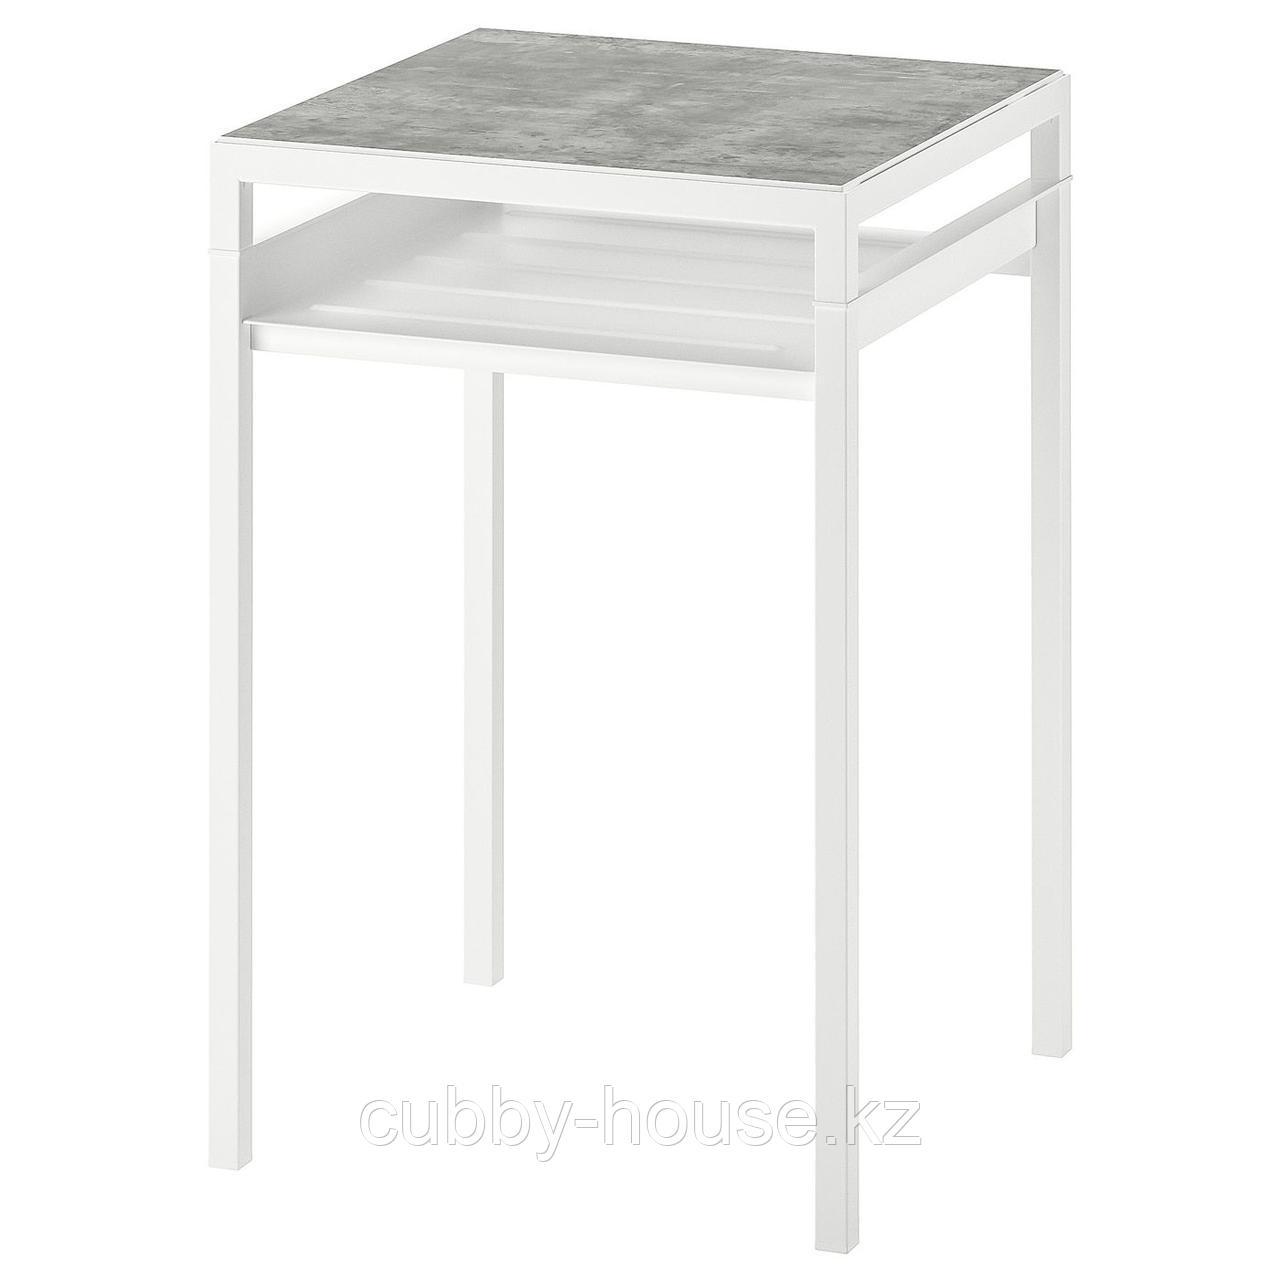 НИБОДА Столик с двусторонней столешницей, темно-серый под бетон, черный, 40x40x60 см